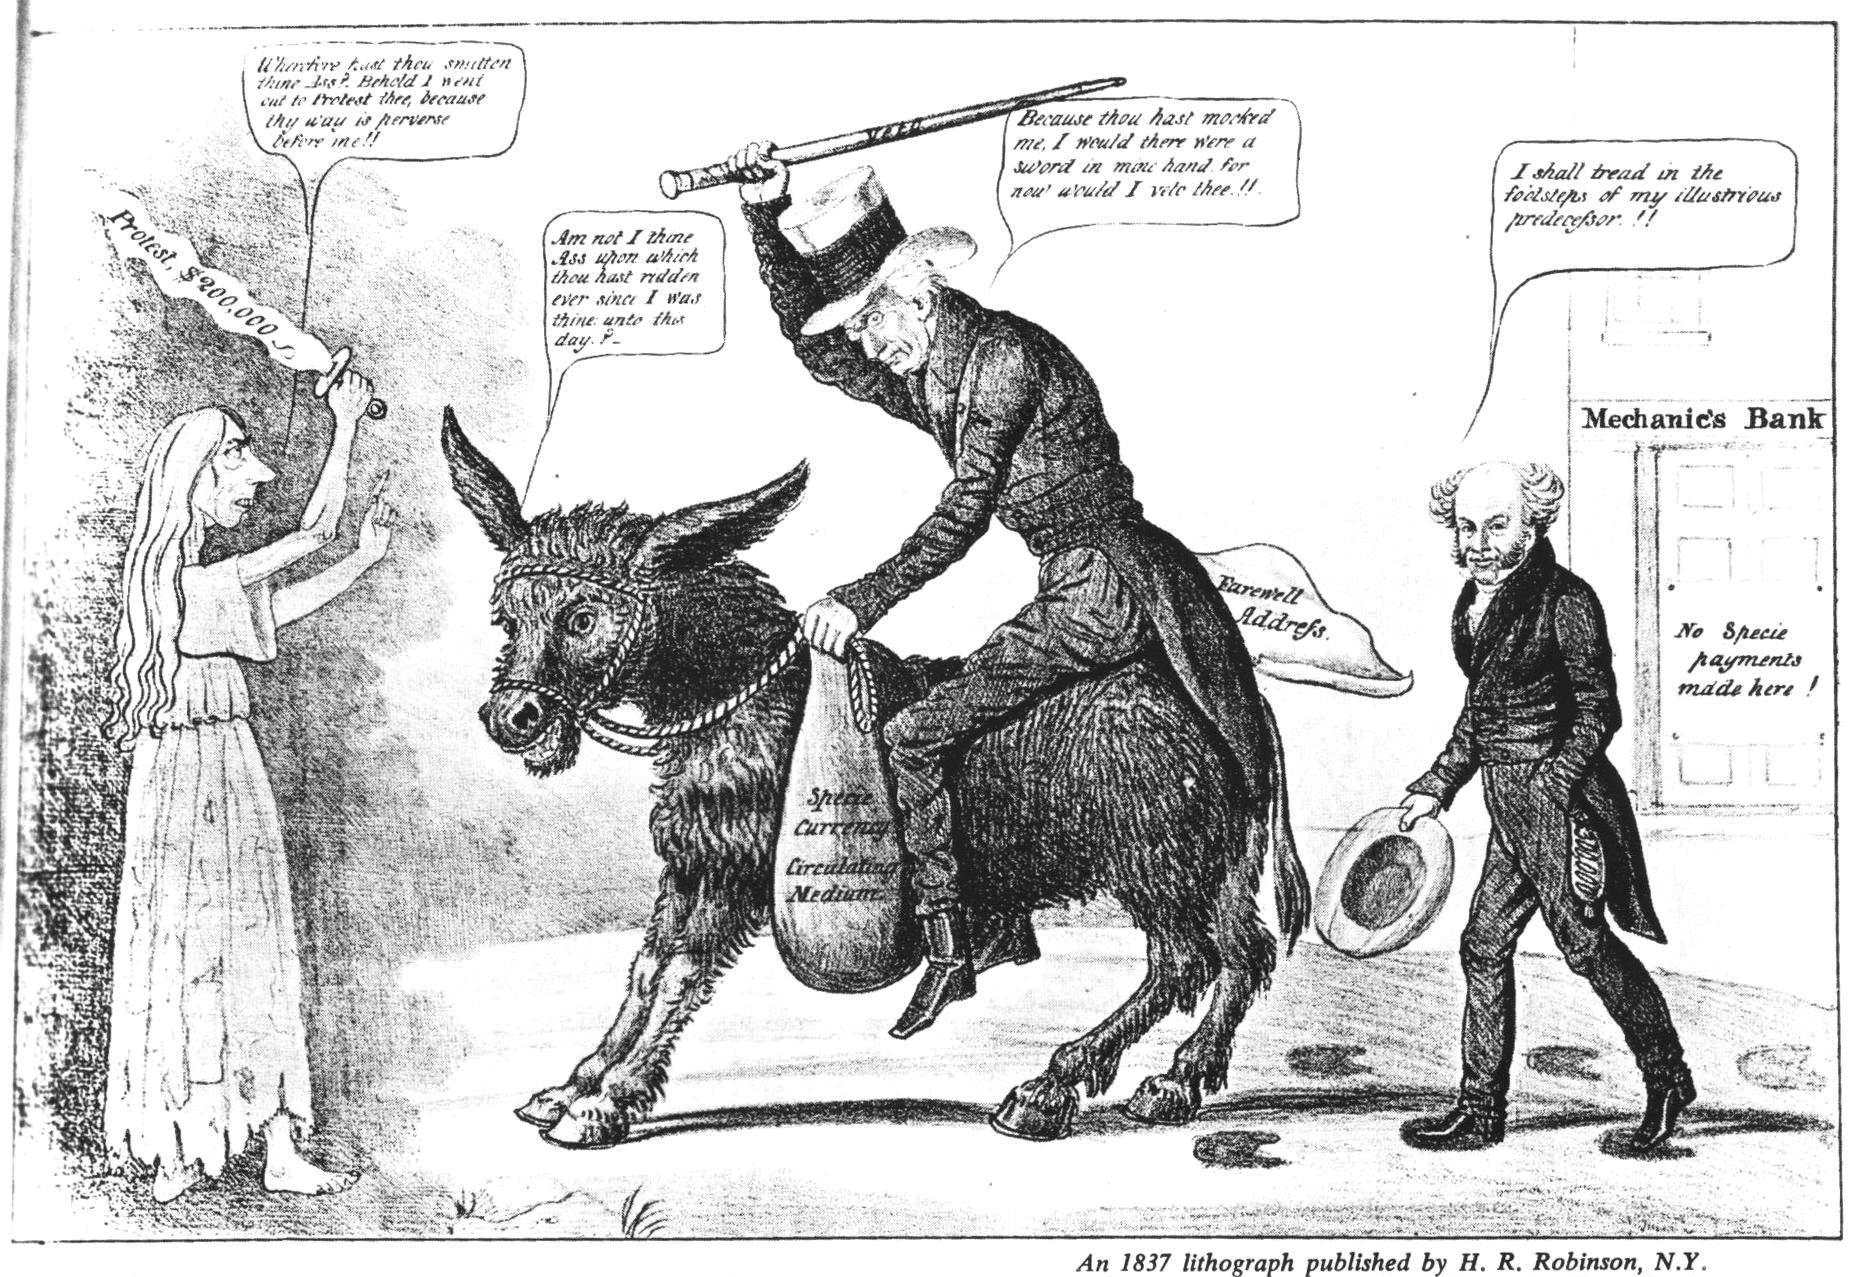 filejackson and van buren 1837jpg